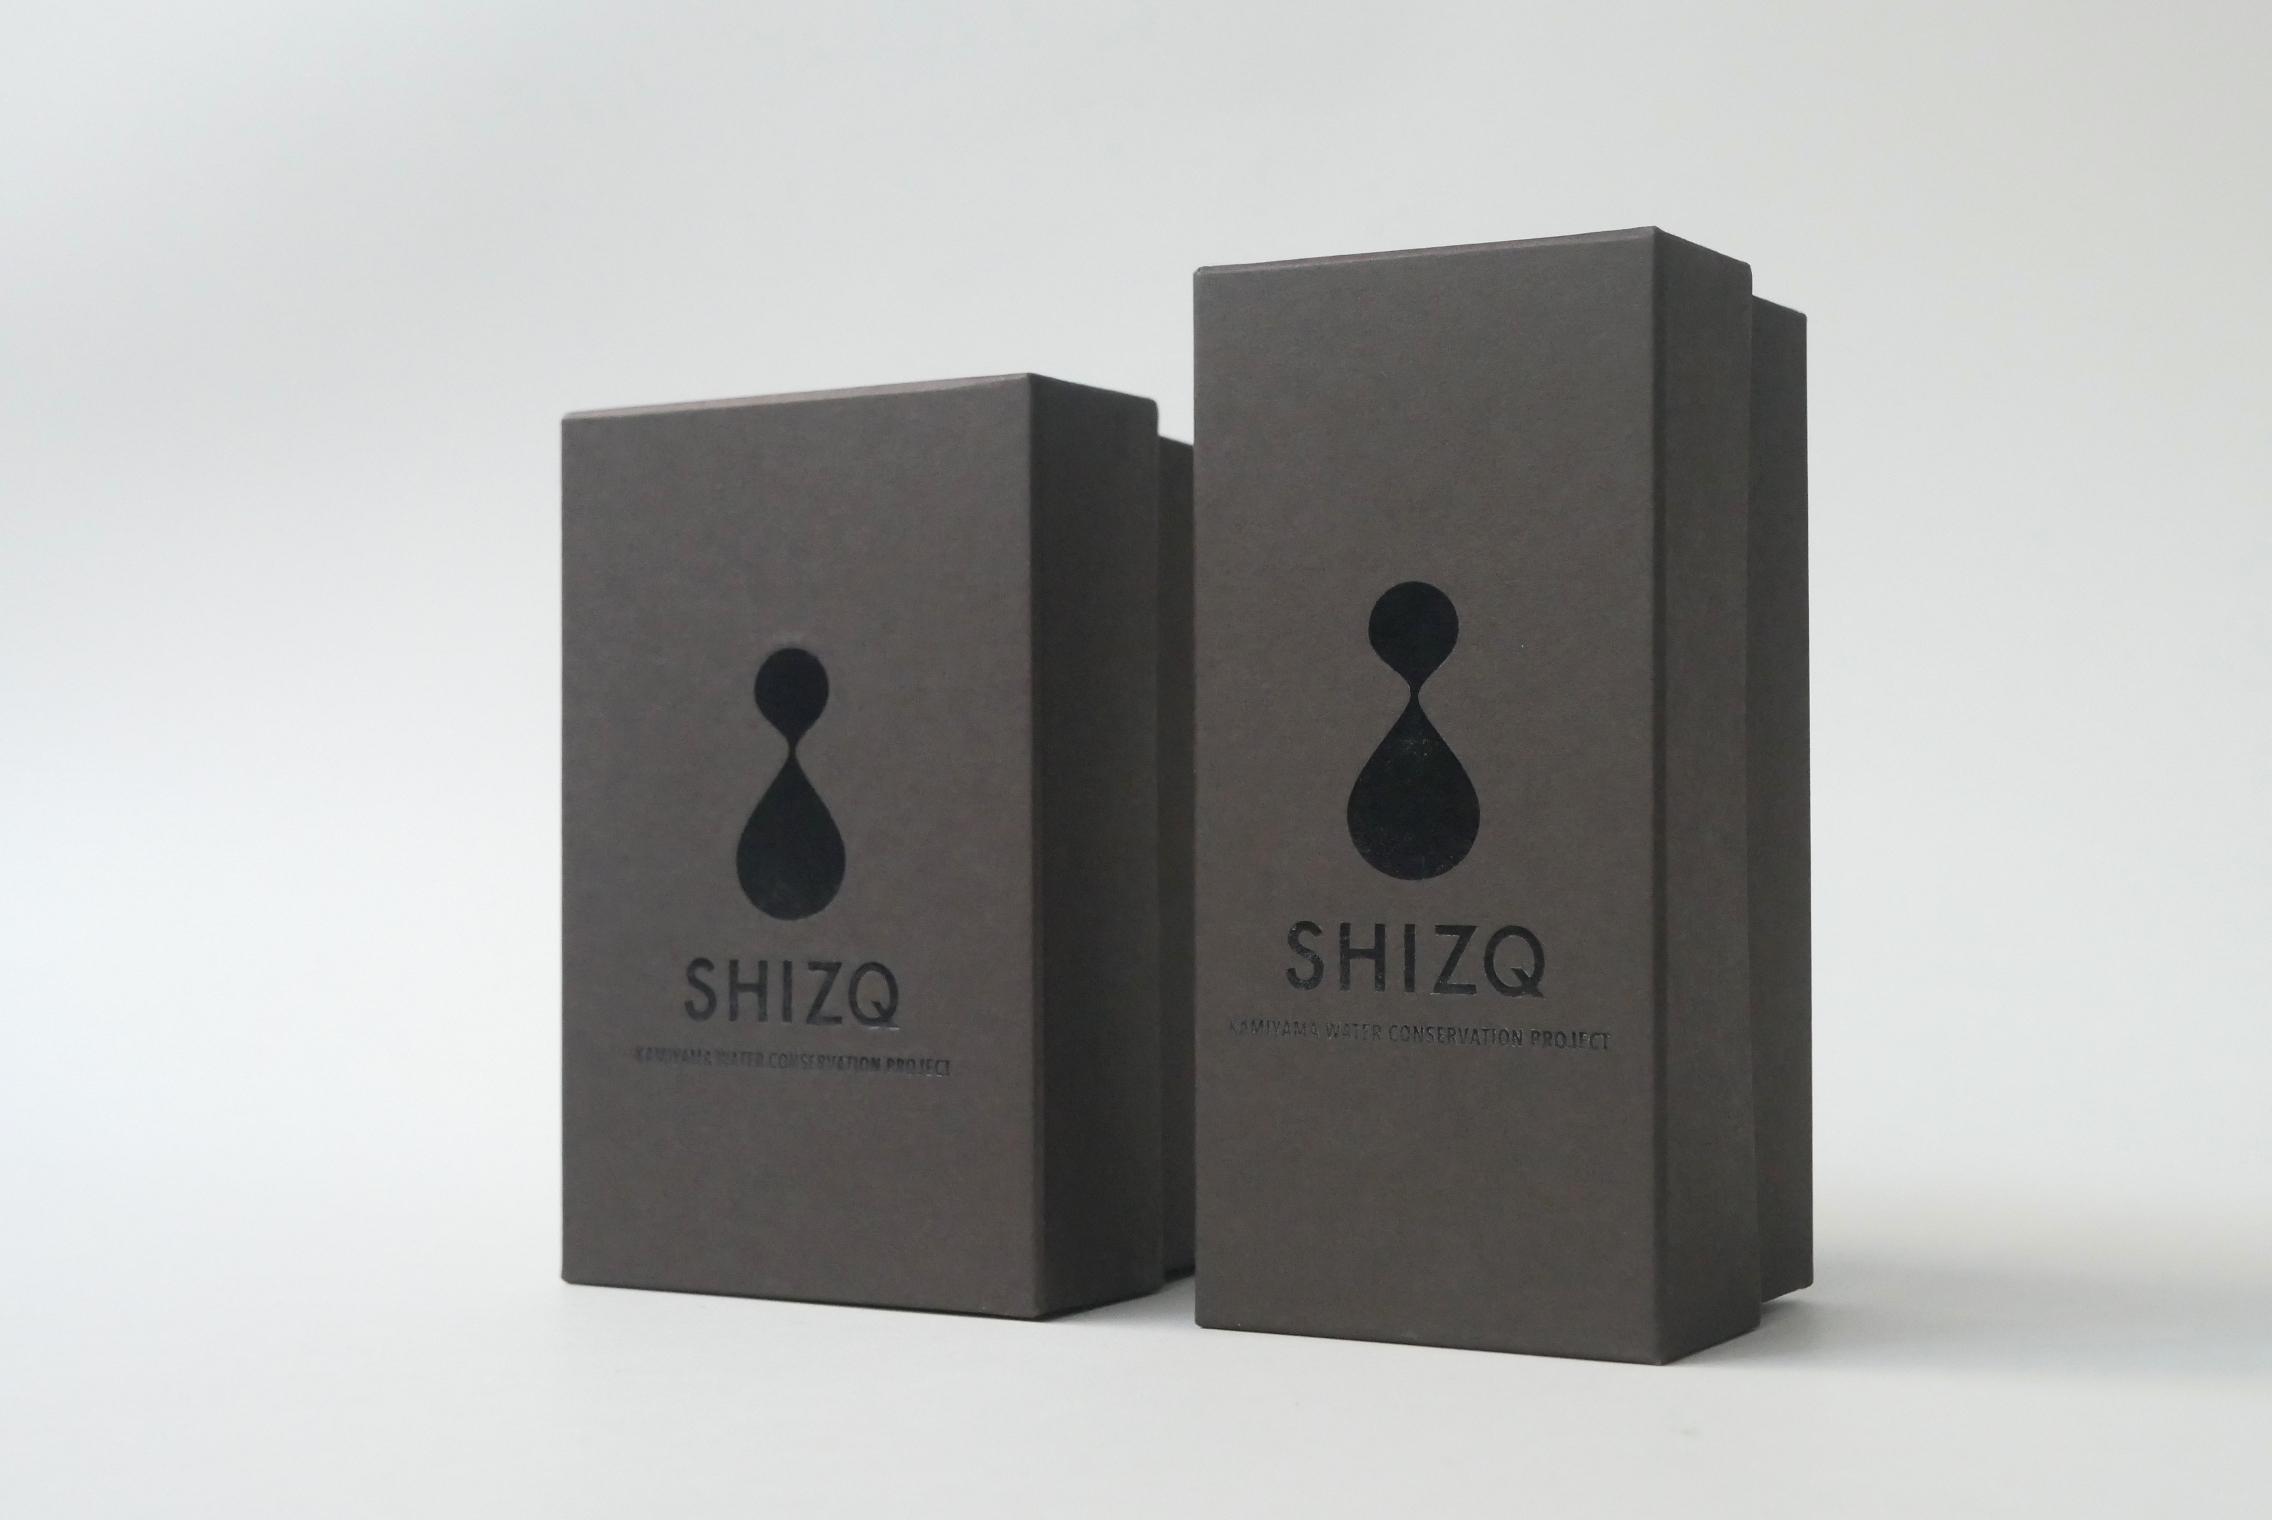 年輪に幸せを祈る気持ちを込めて | SHIZQ 専用ギフトボックス